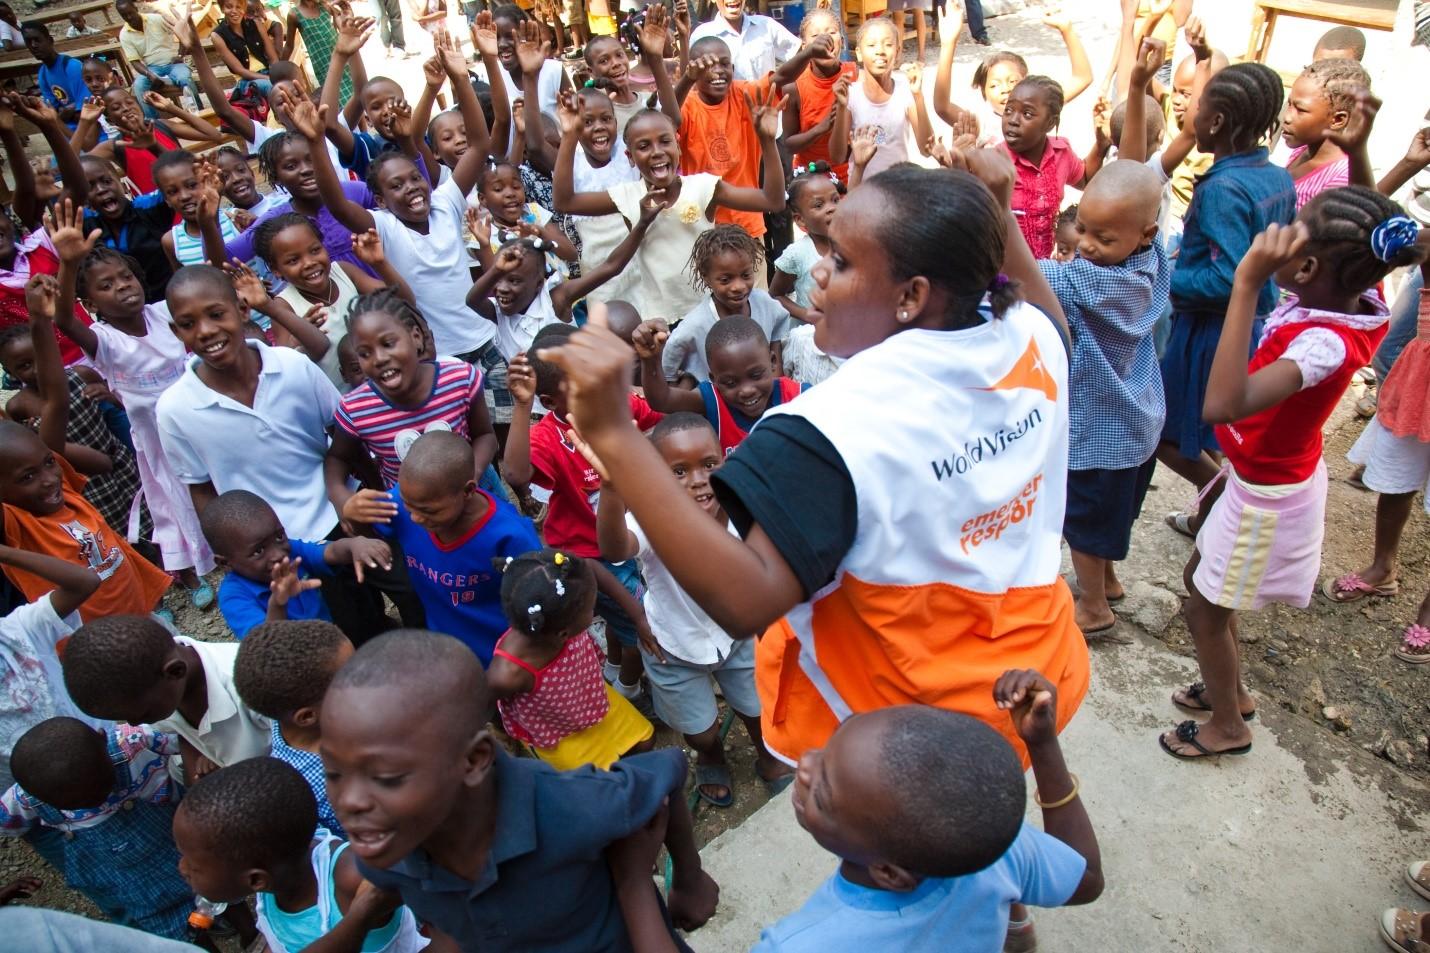 L'ex-directeur en Haïti a reconnu le recours aux prostituées — Oxfam